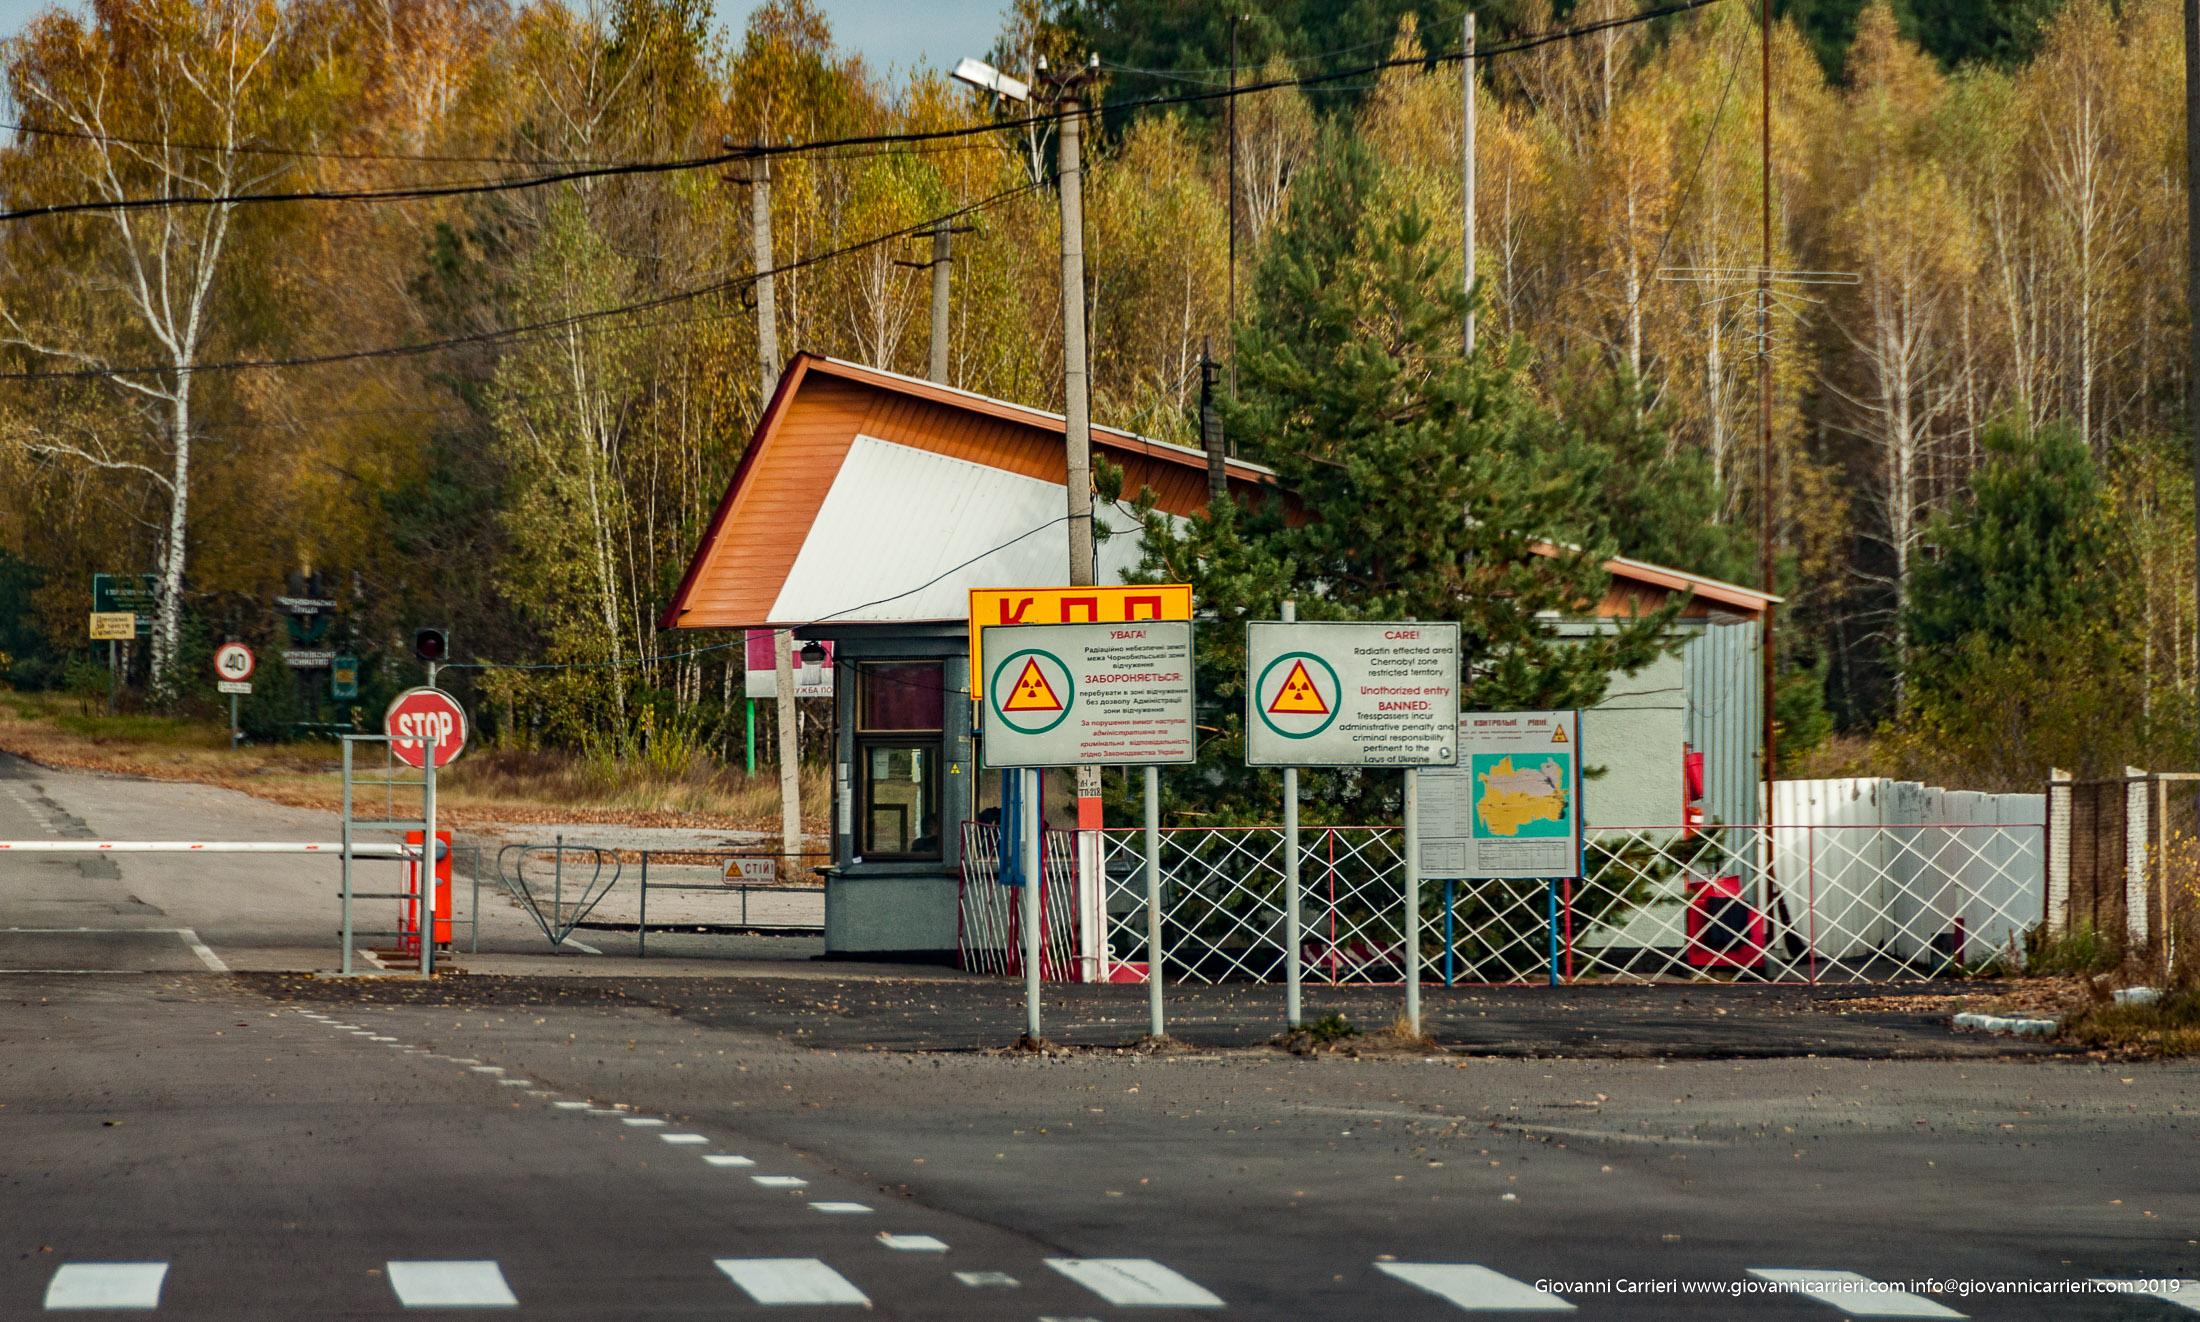 Il varco per la zona di alienazione - Chernobyl